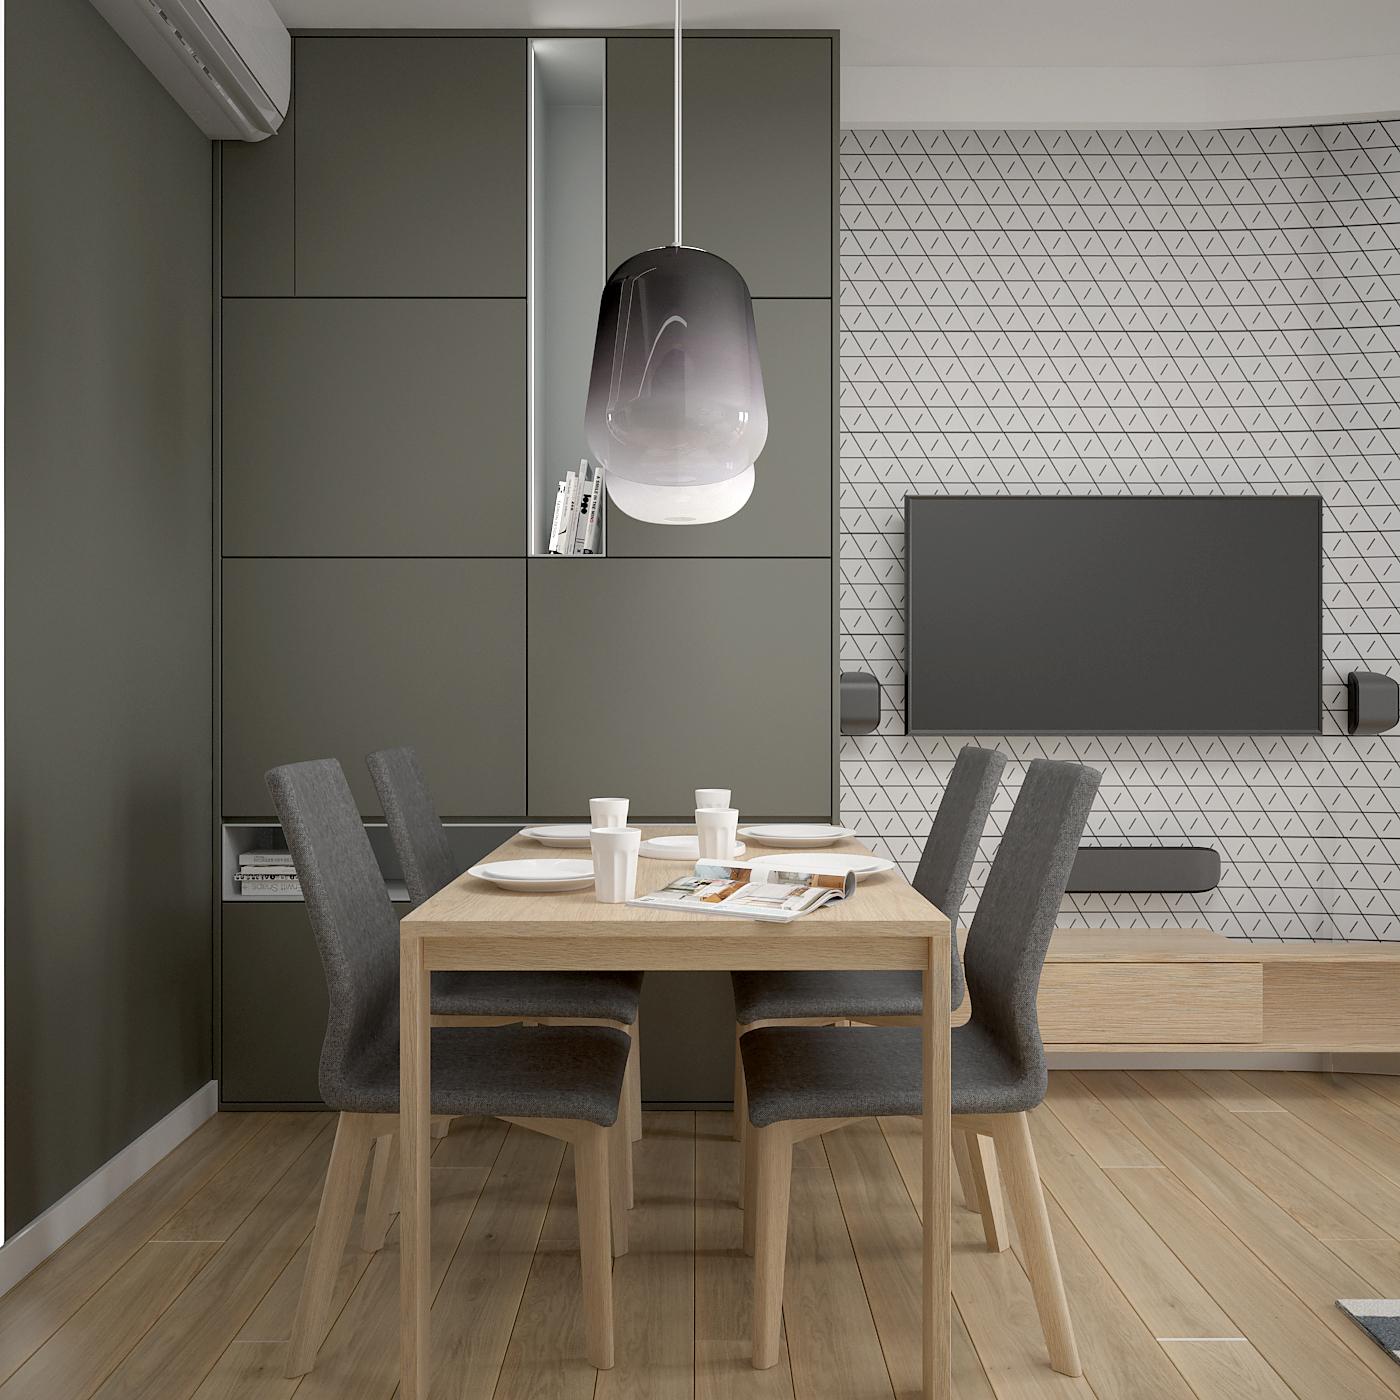 2 projekt wnetrza 537 mieszkanie krakow salon z jadalnia geometryczna tapeta za telewizorem drewniany stol tapicerowane krzesla